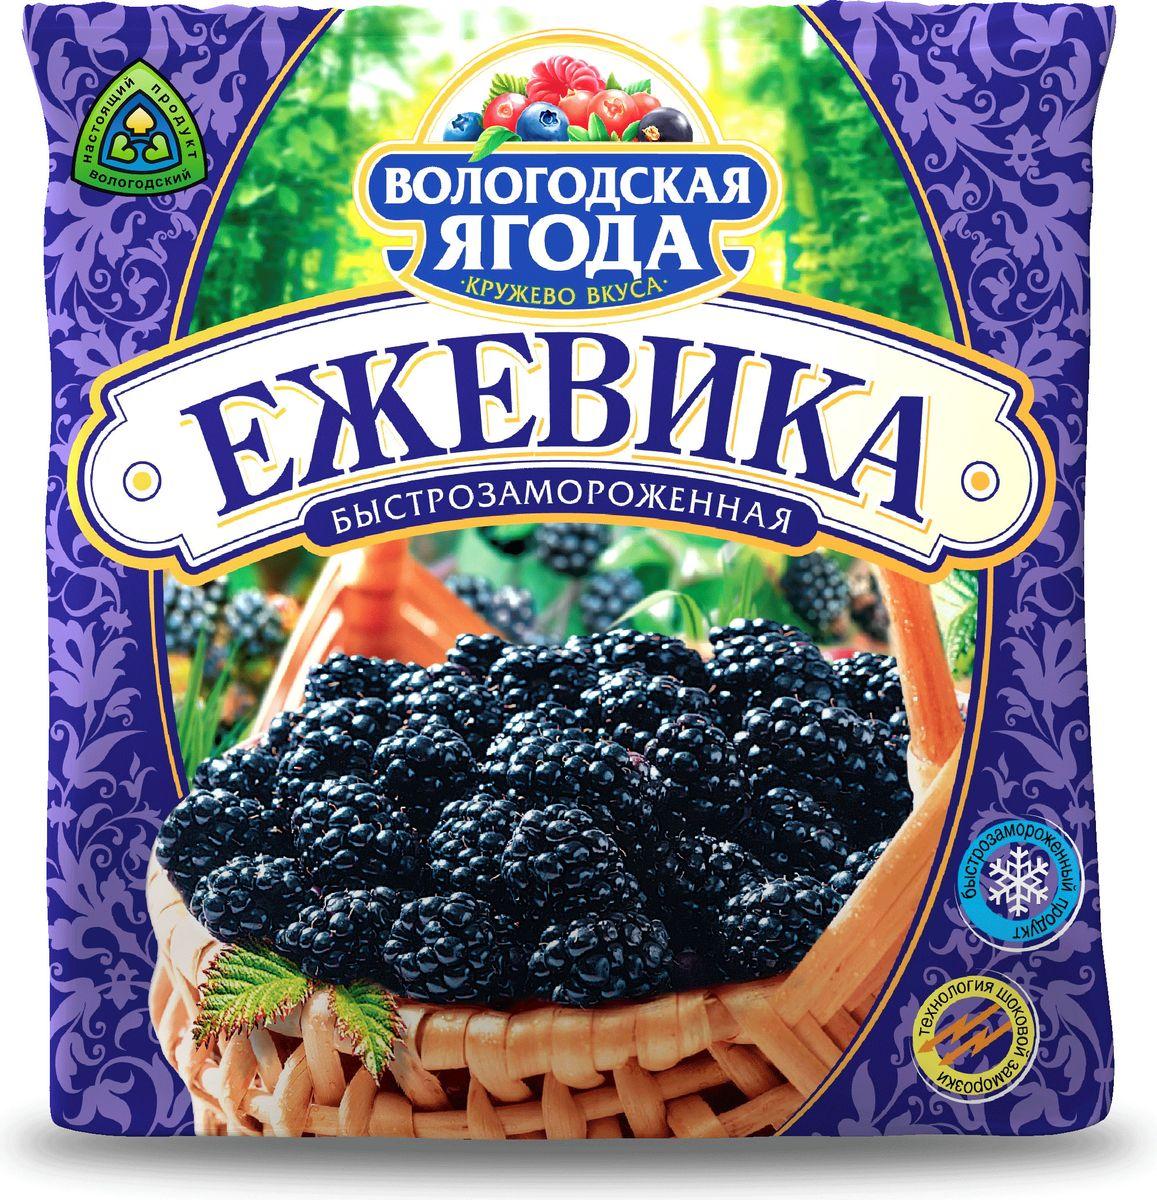 Кружево Вкуса Ежевика быстрозамороженная, 300 г